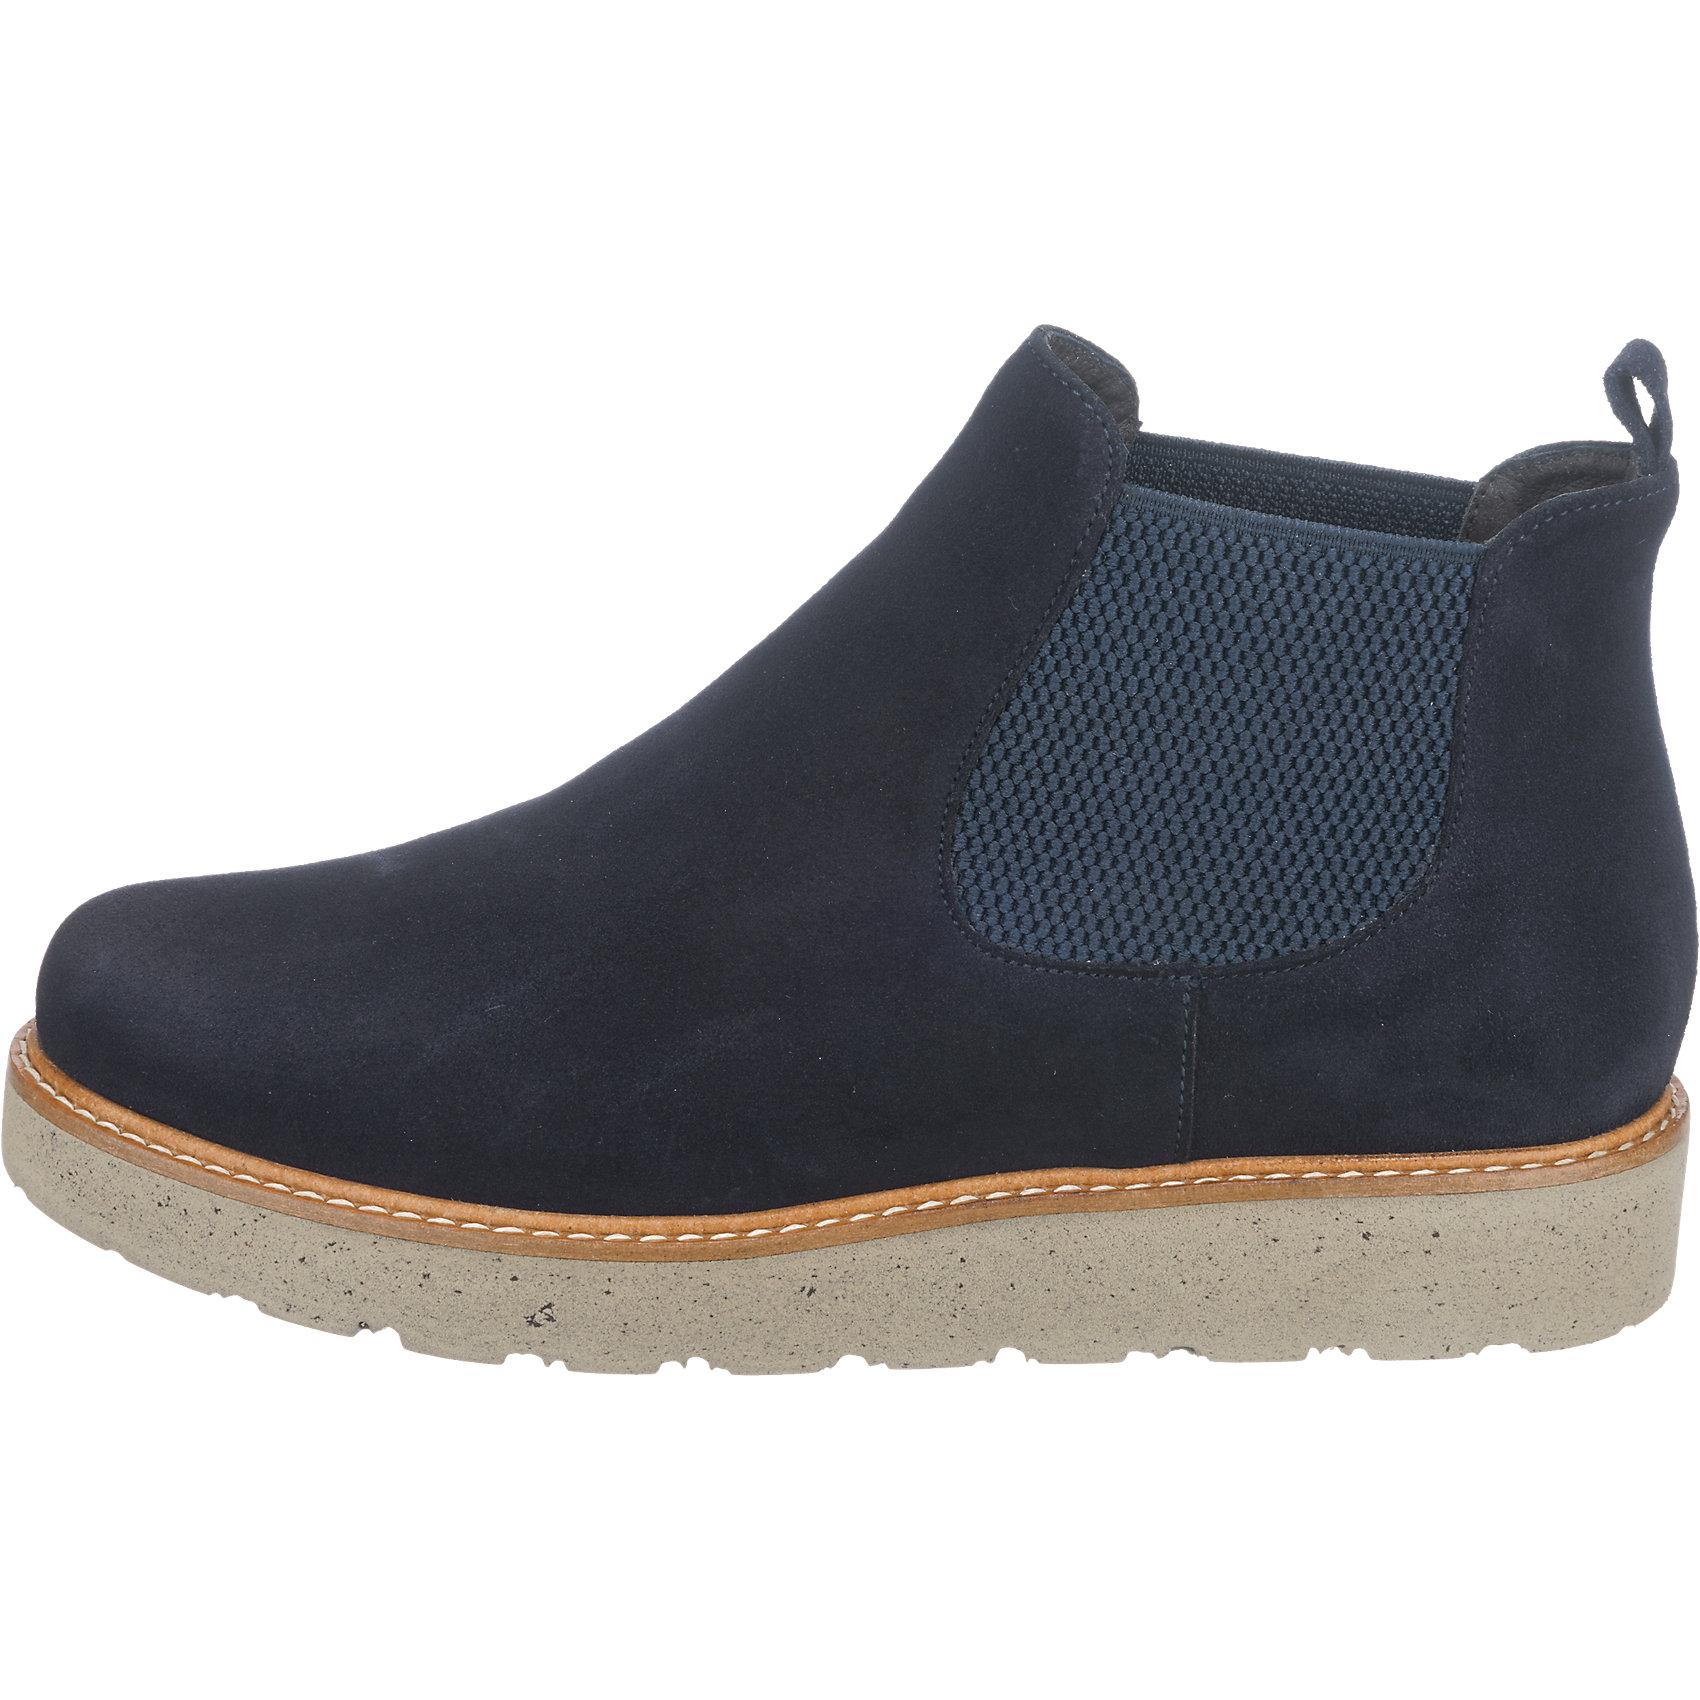 Neu-Gadea-Somyx-Stiefeletten-dunkelblau-5780990